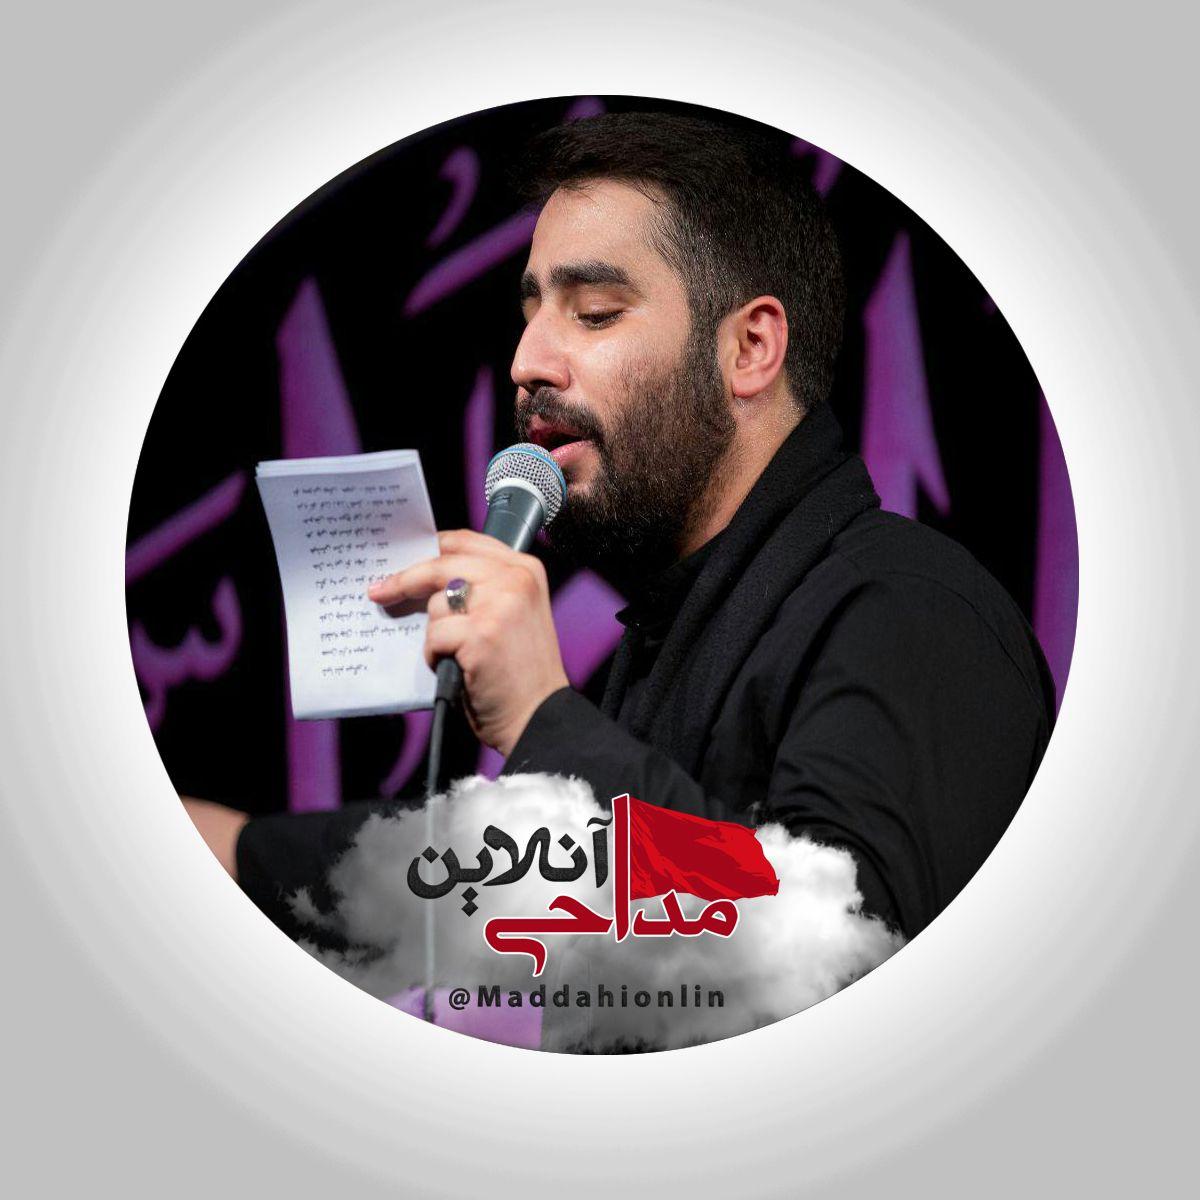 دانلود نماهنگ دلشوره حسین طاهری